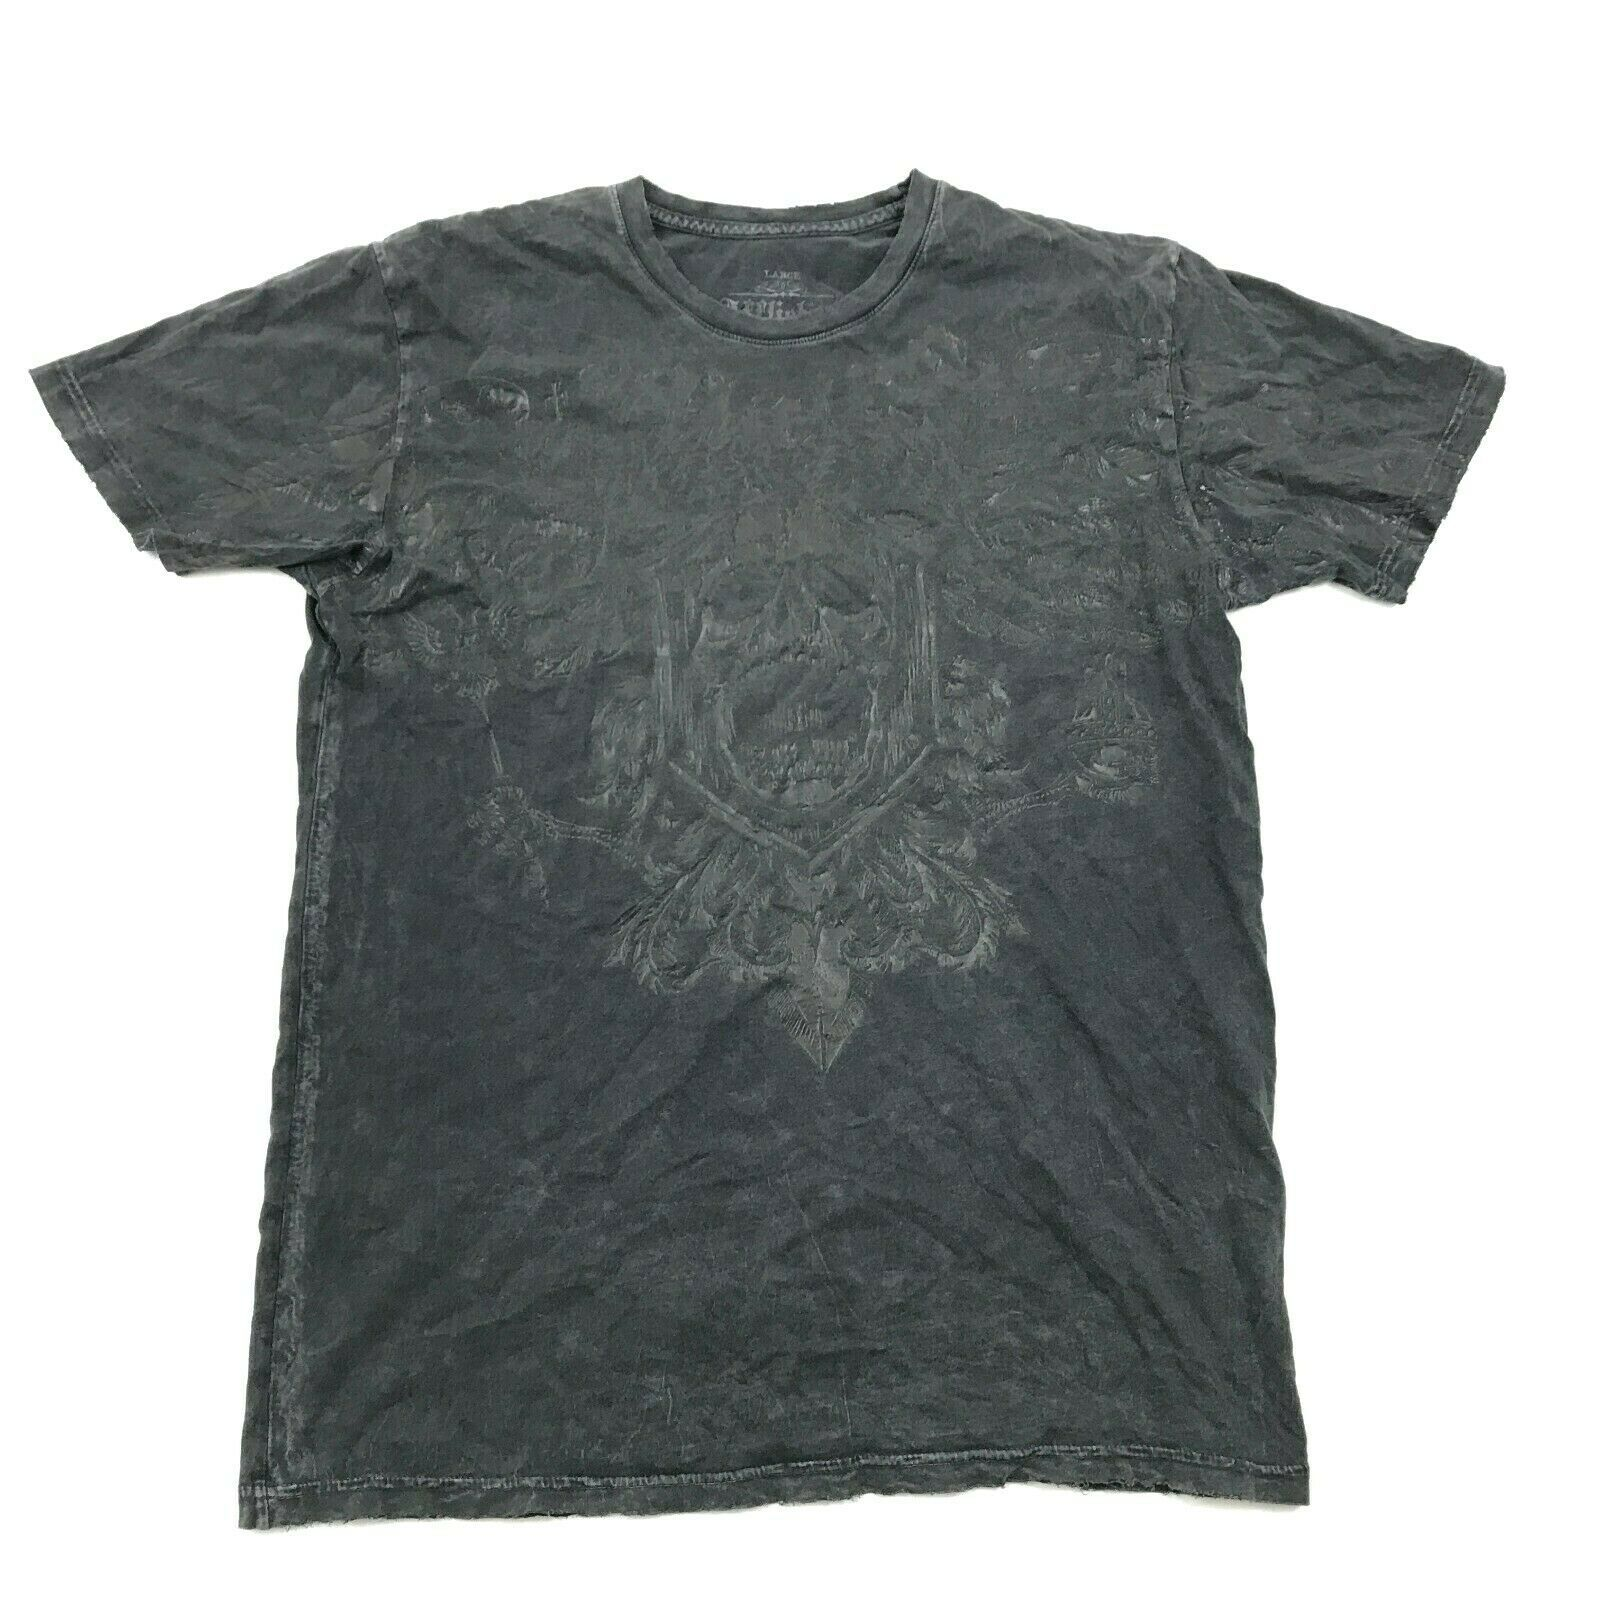 Fibbia Affliction Uomo Sdrucito T-Shirt Adulto Grande Signature Series USA Fatto